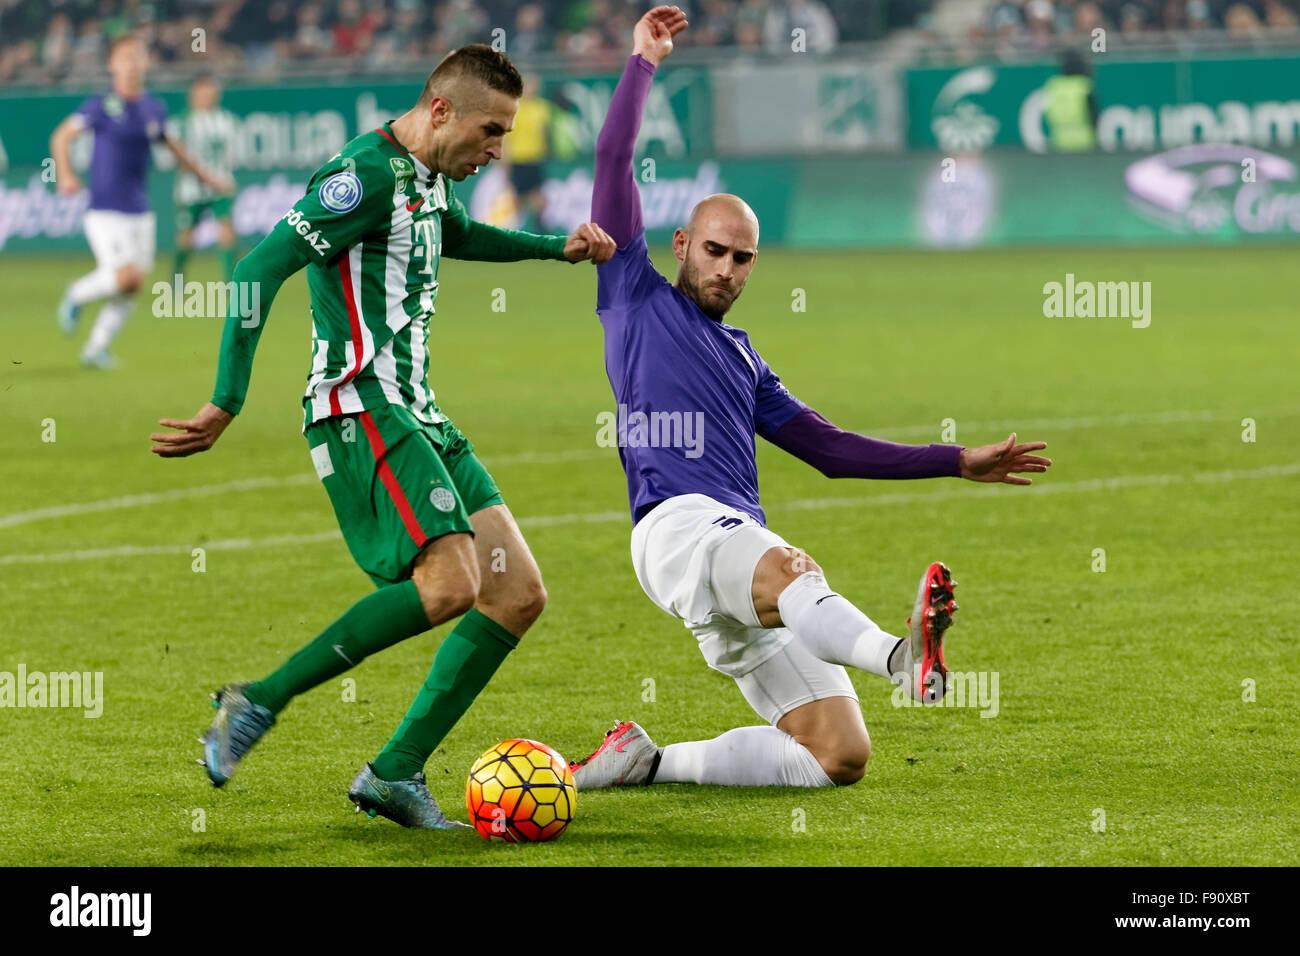 Budapest, Hungary. 12th December, 2015. Stanislav Sestak's shot of Ferencvaros (l) is blocked by Jonathan Heris - Stock Image